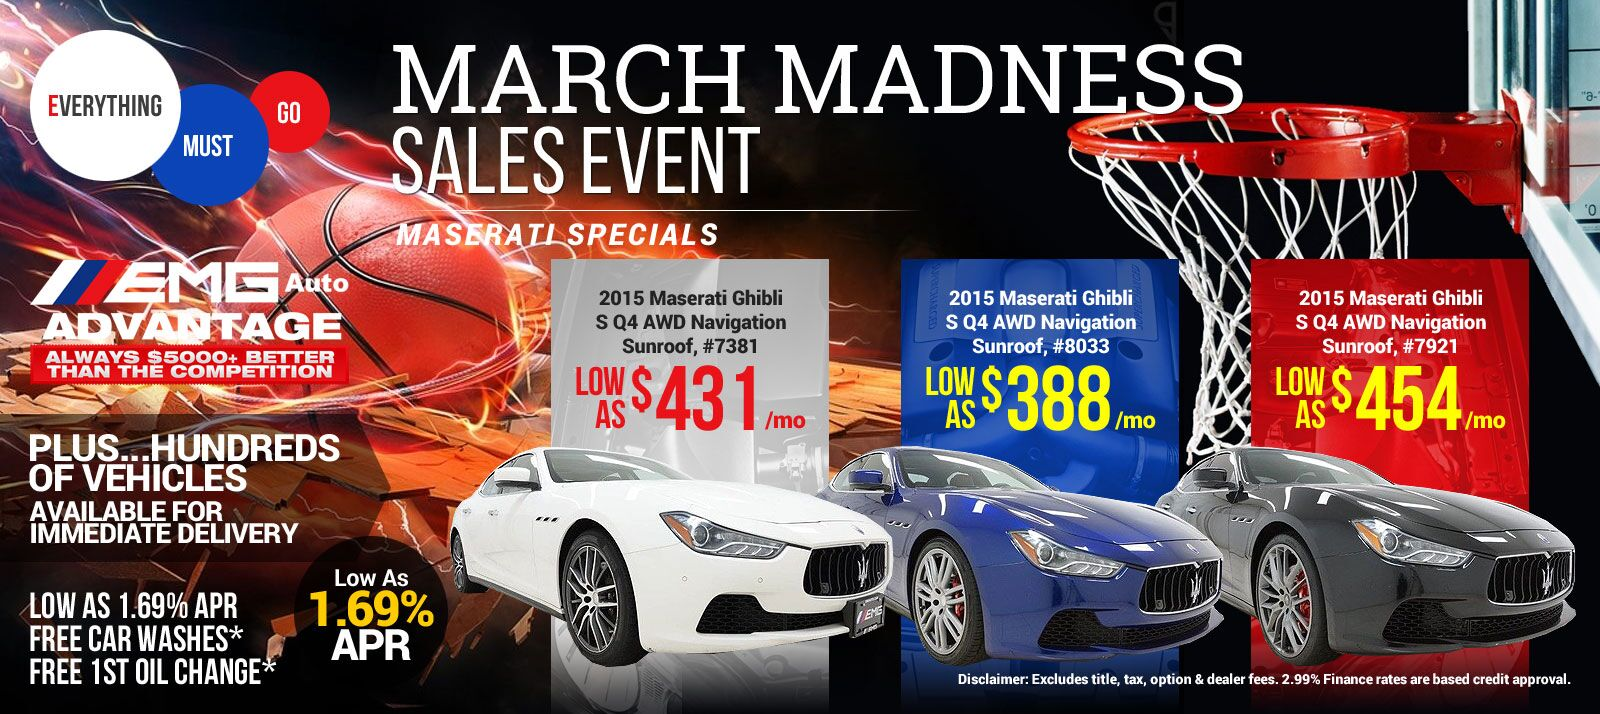 maserati -march madness